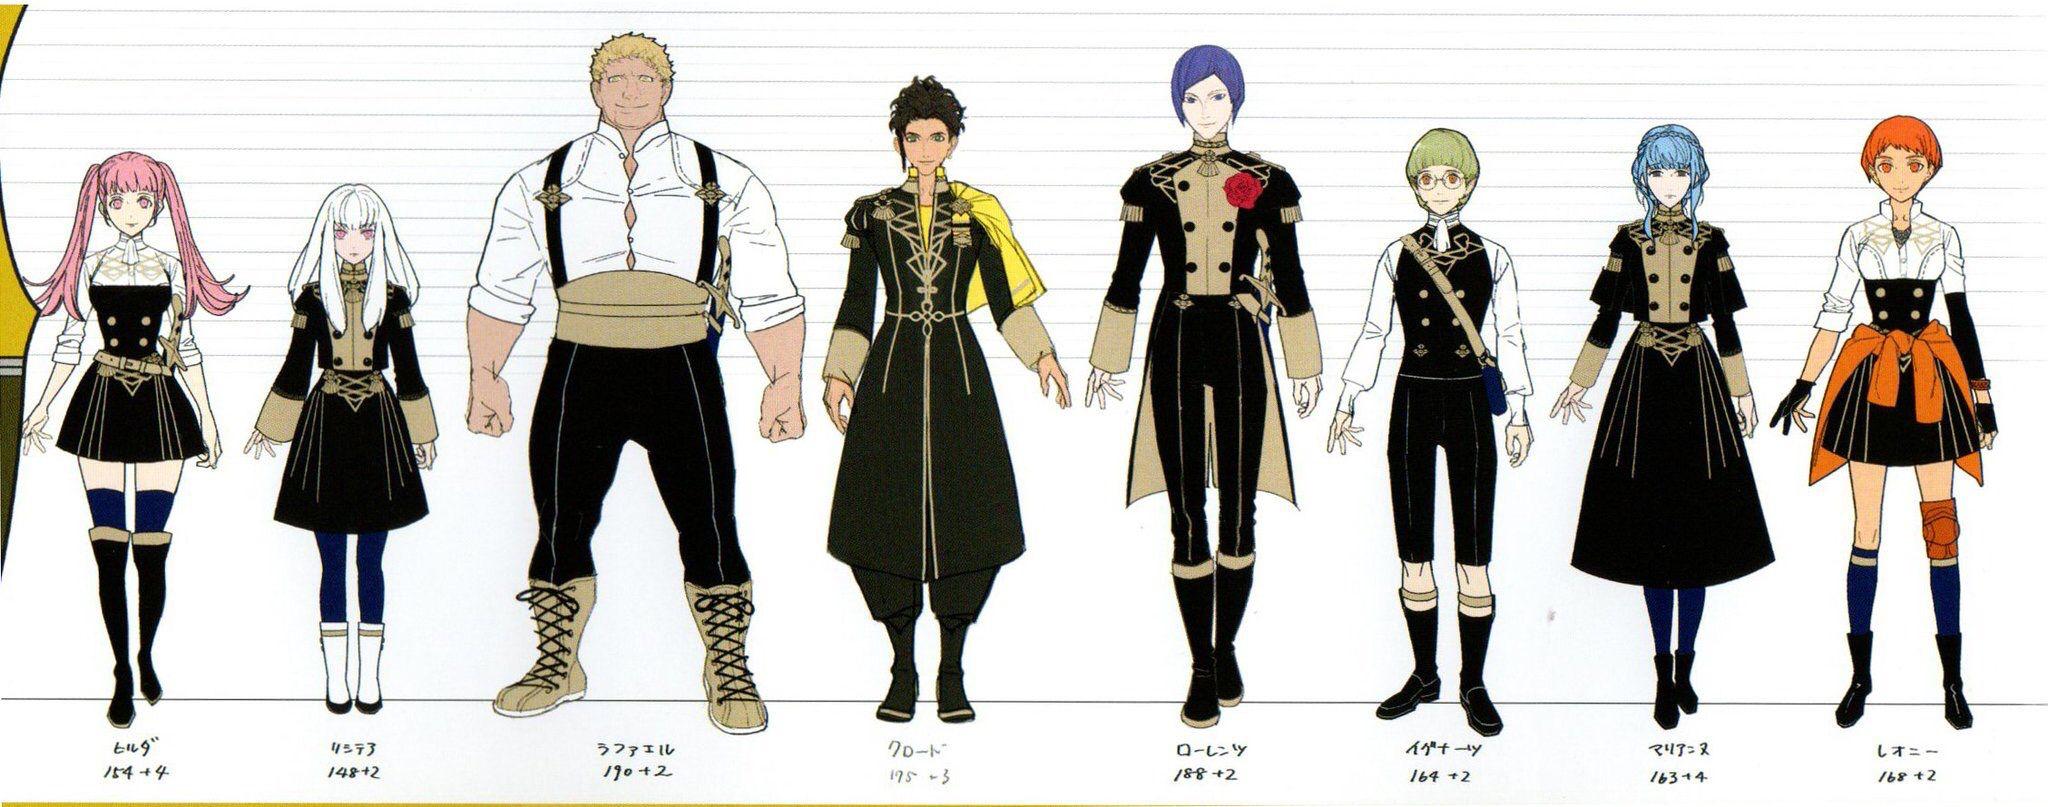 Golden Deer Height Fire Emblem Fire Emblem Characters Emblems